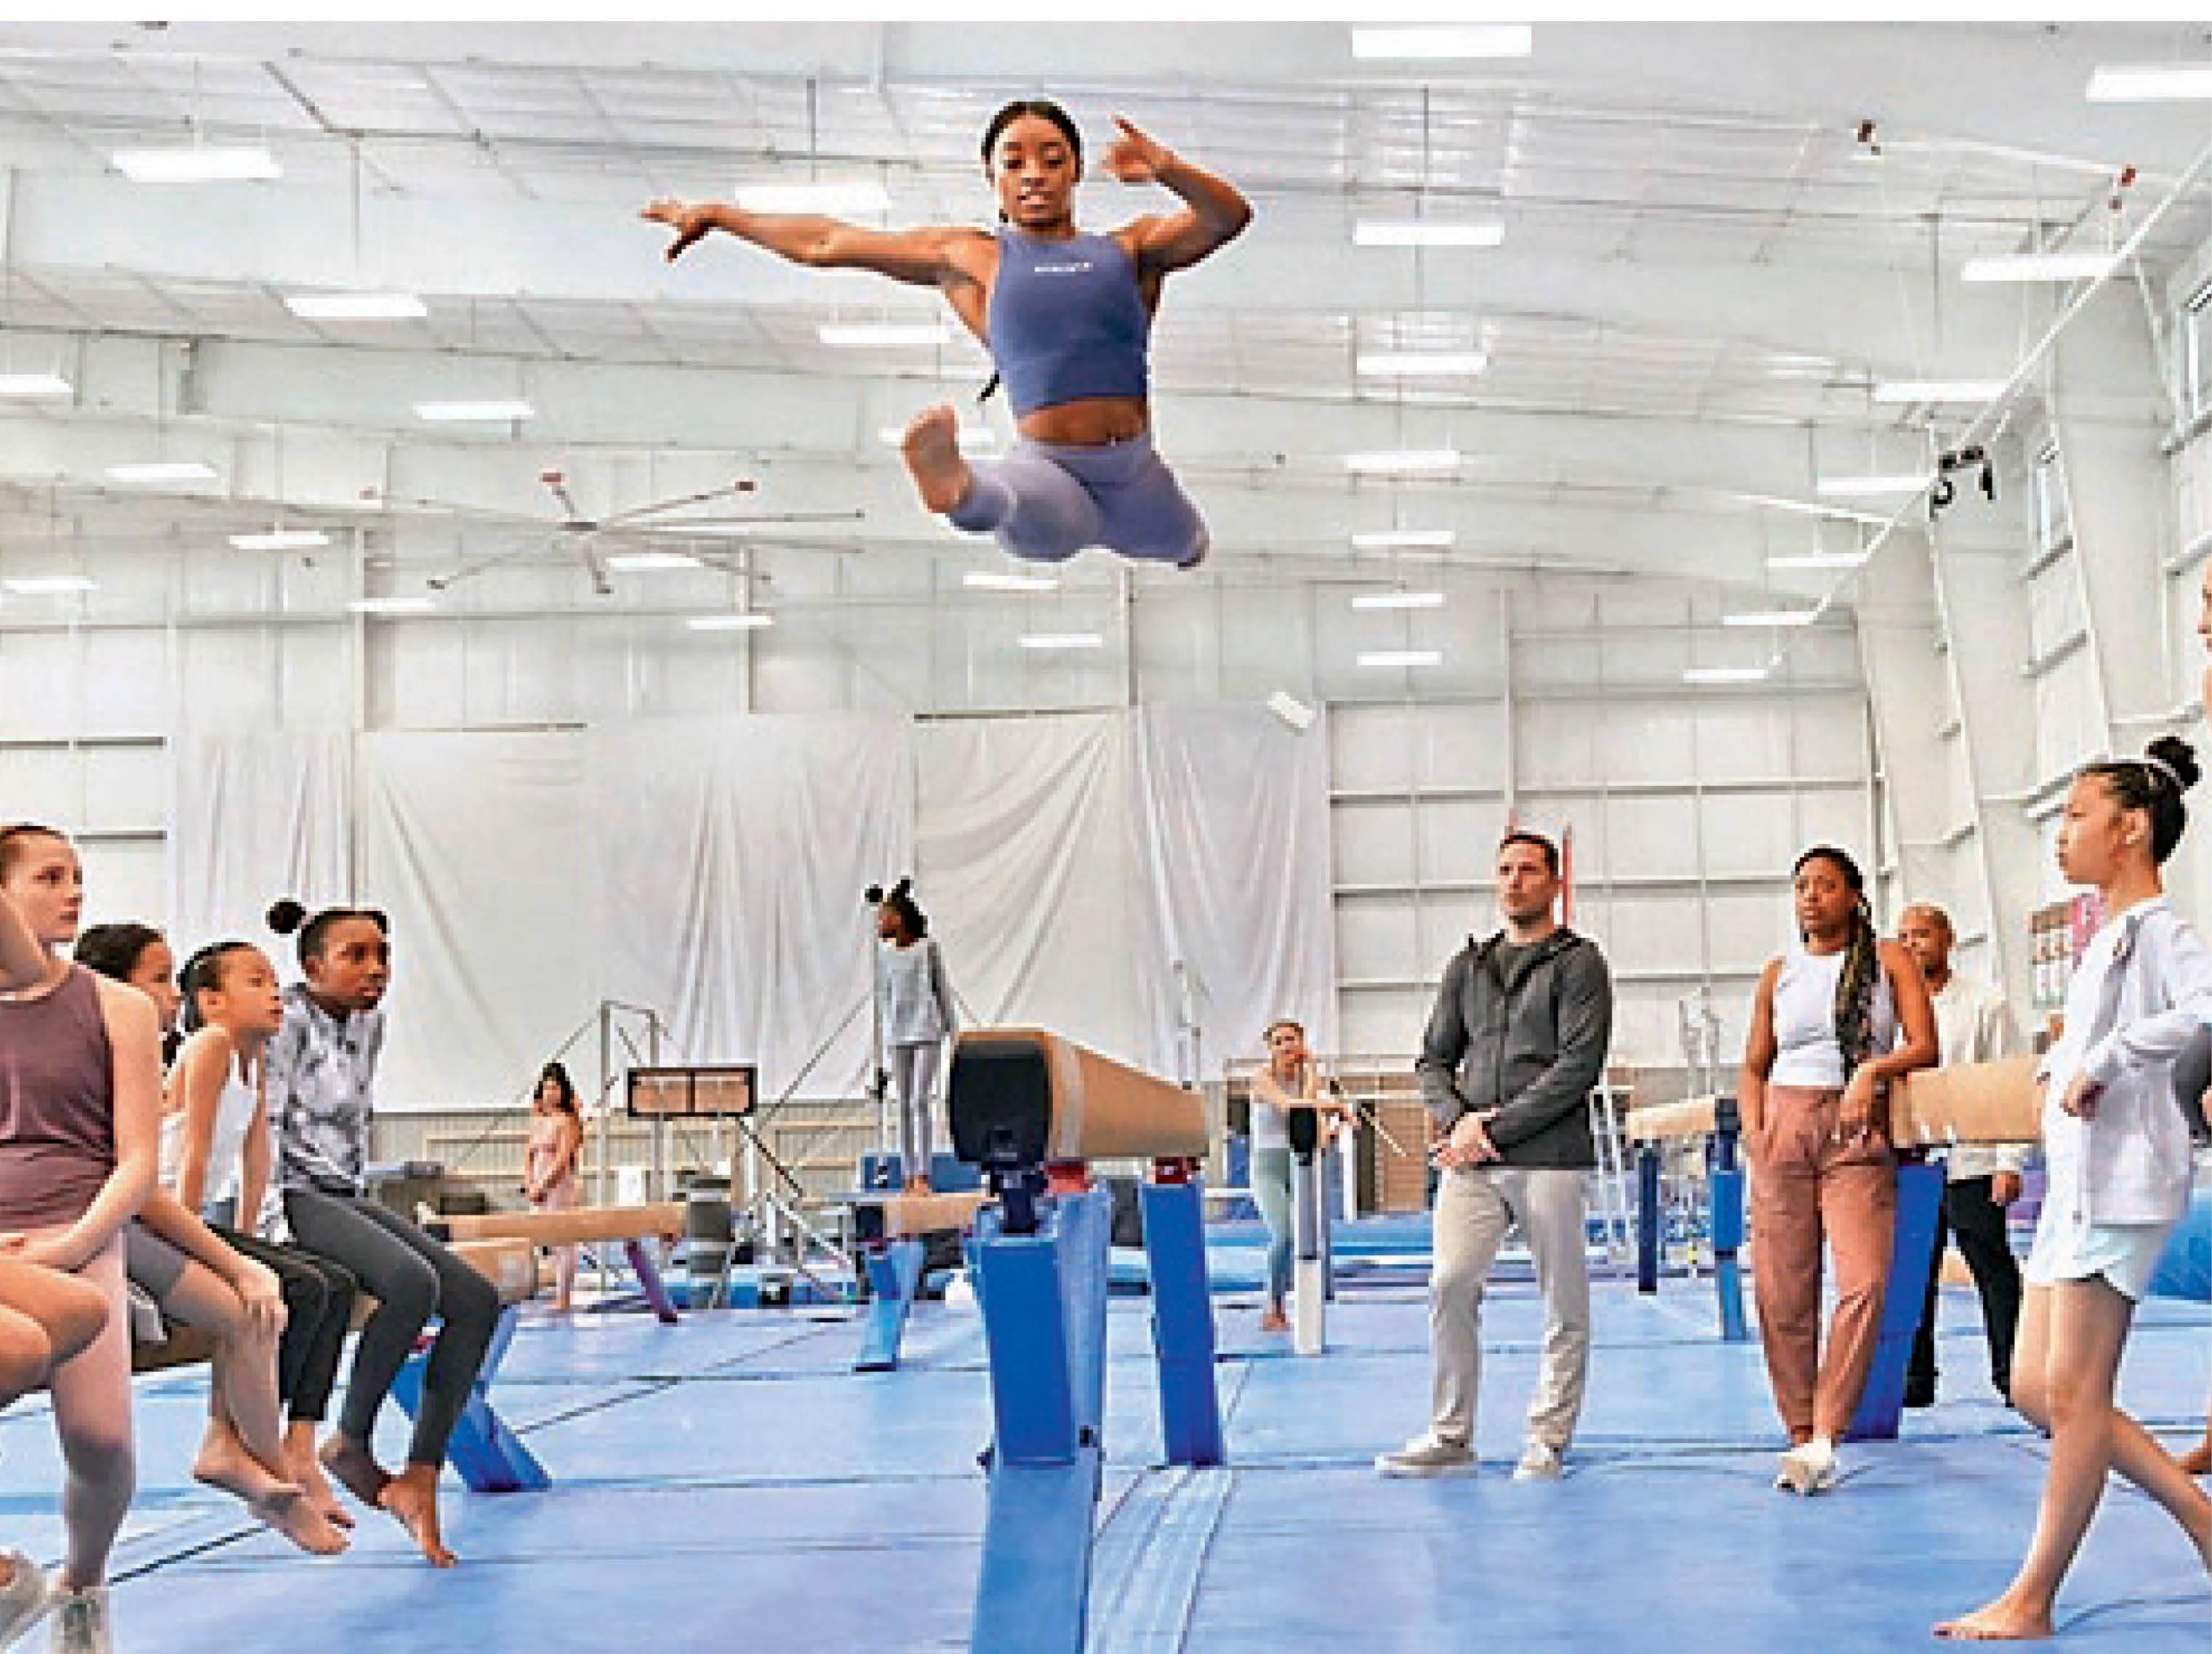 दिग्गज महिला एथलीट बड़े ब्रांड से दूर हुईं, छोटे ब्रांड प्रदर्शन का दबाव नहीं डालते, इसलिए पहली पसंद विदेश,International - Dainik Bhaskar